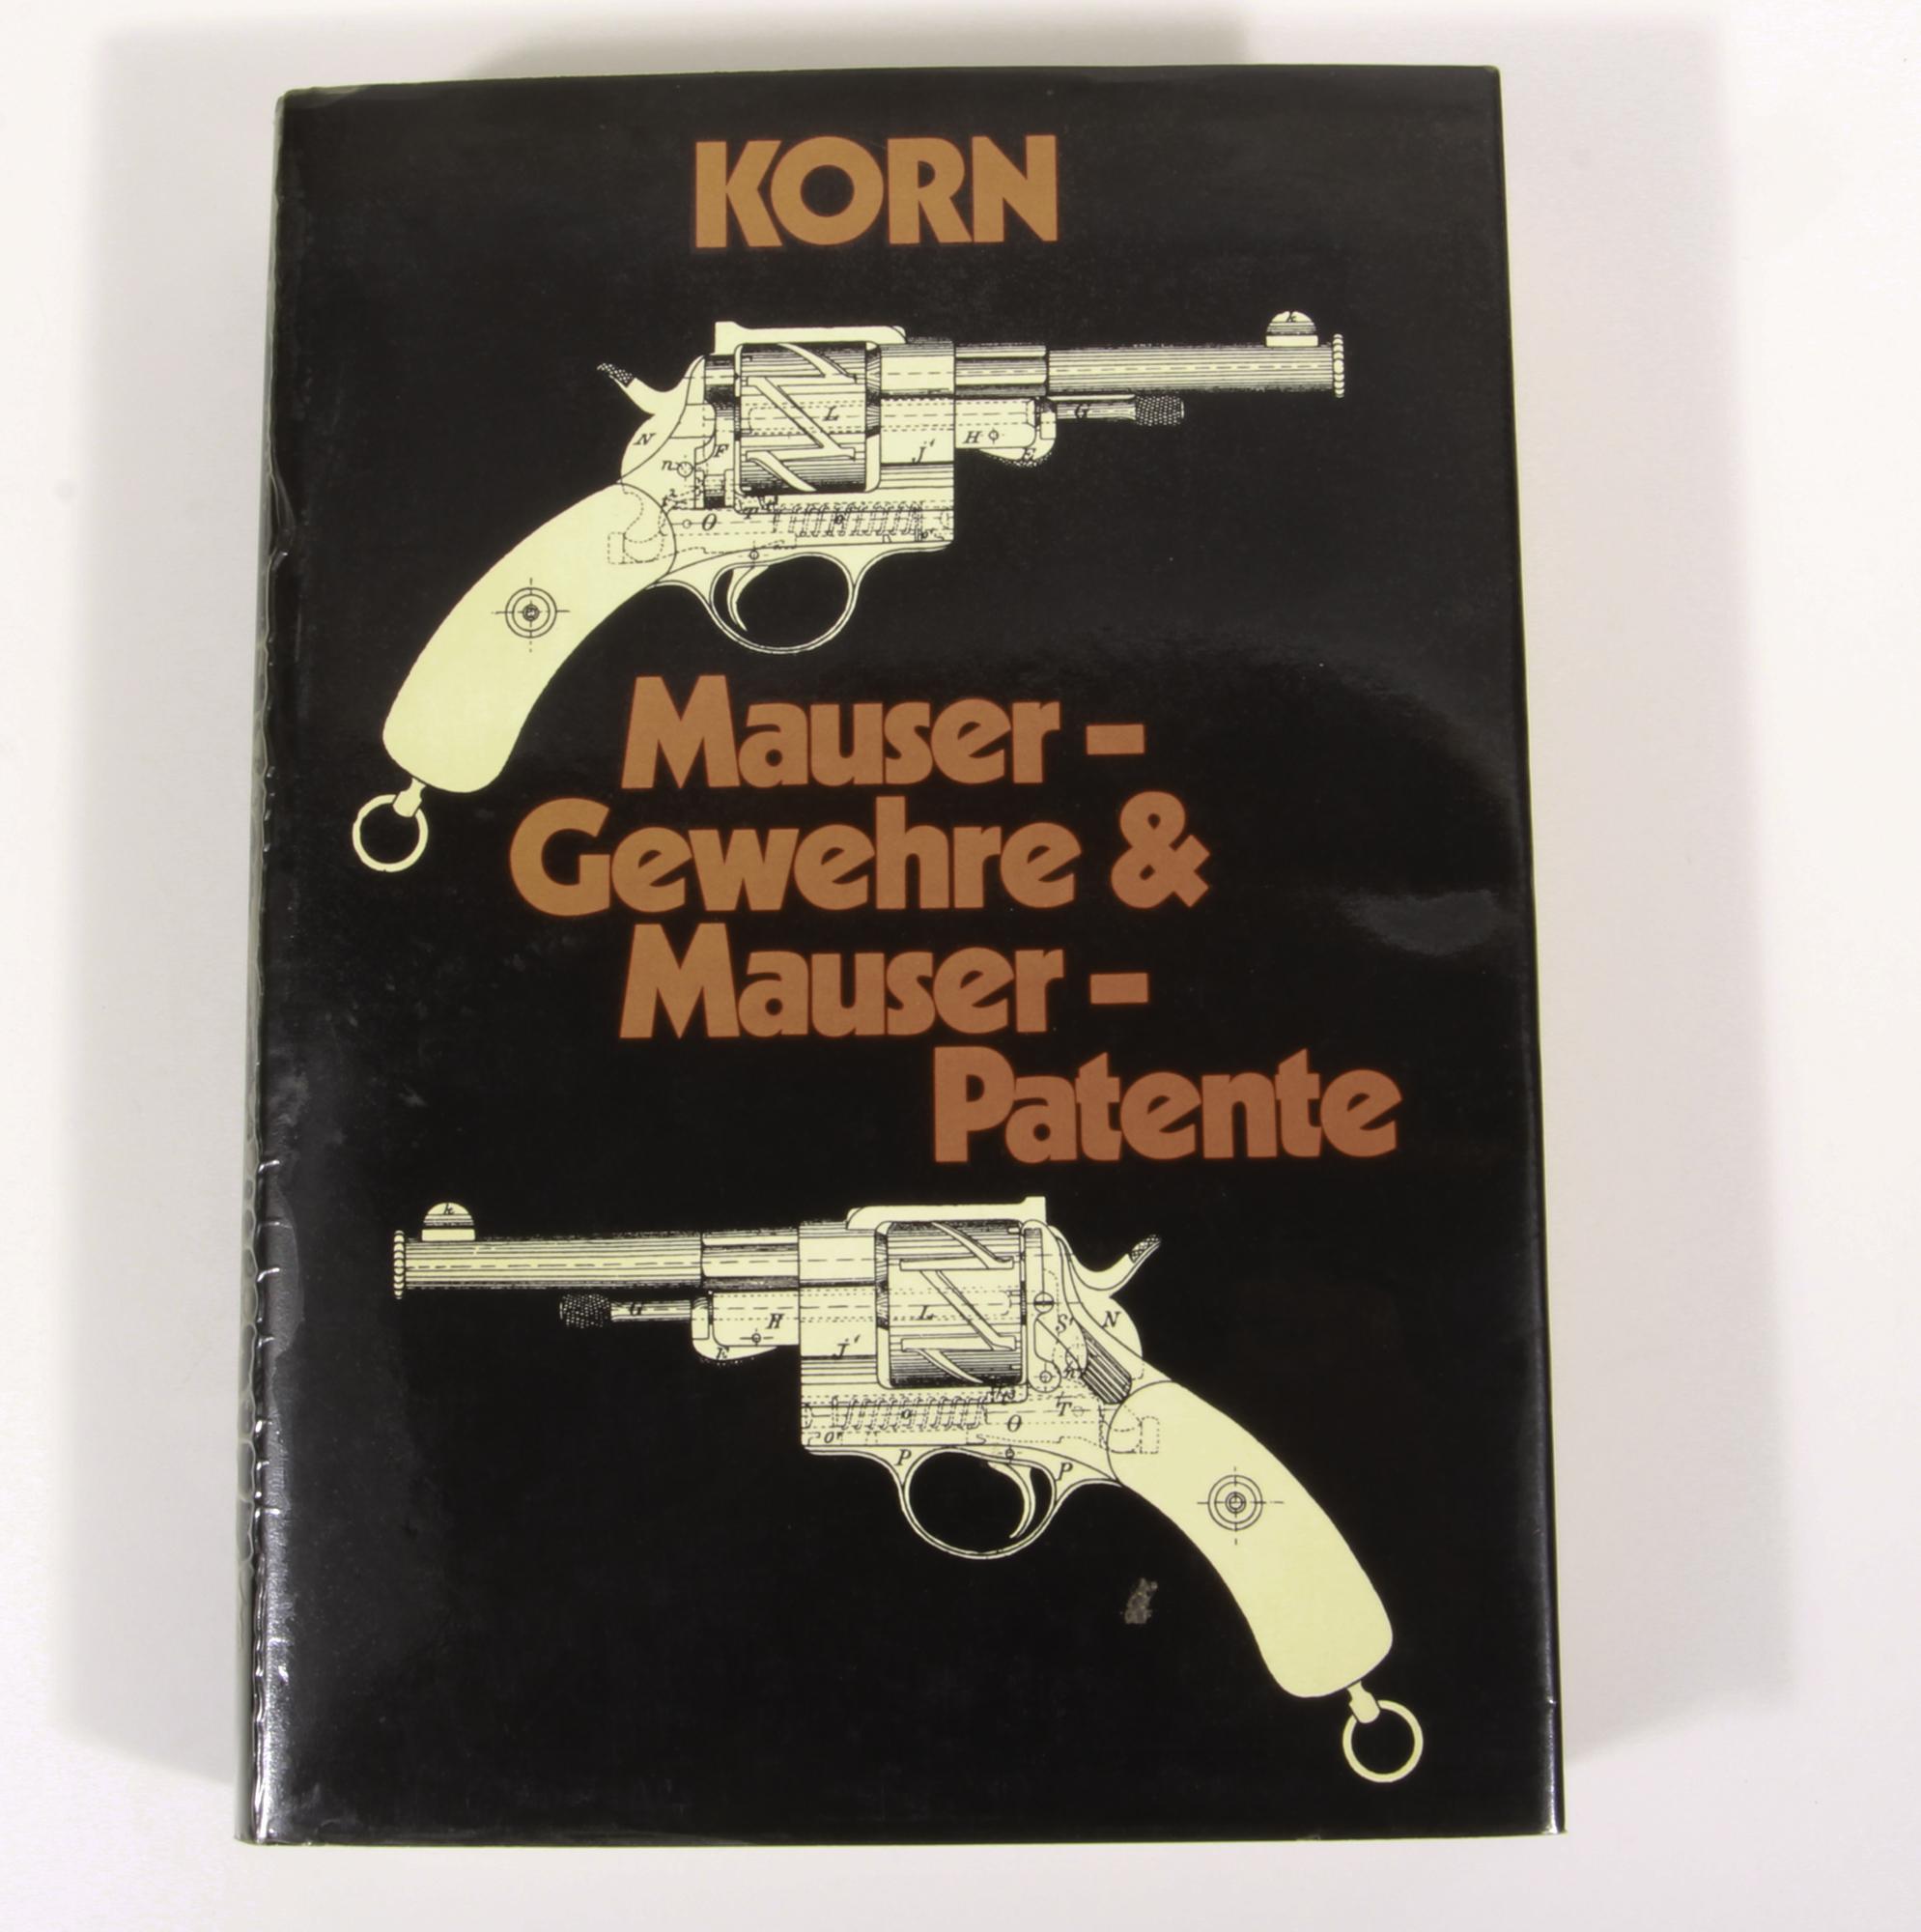 Mauser-Gewehre & Mauser-Patente